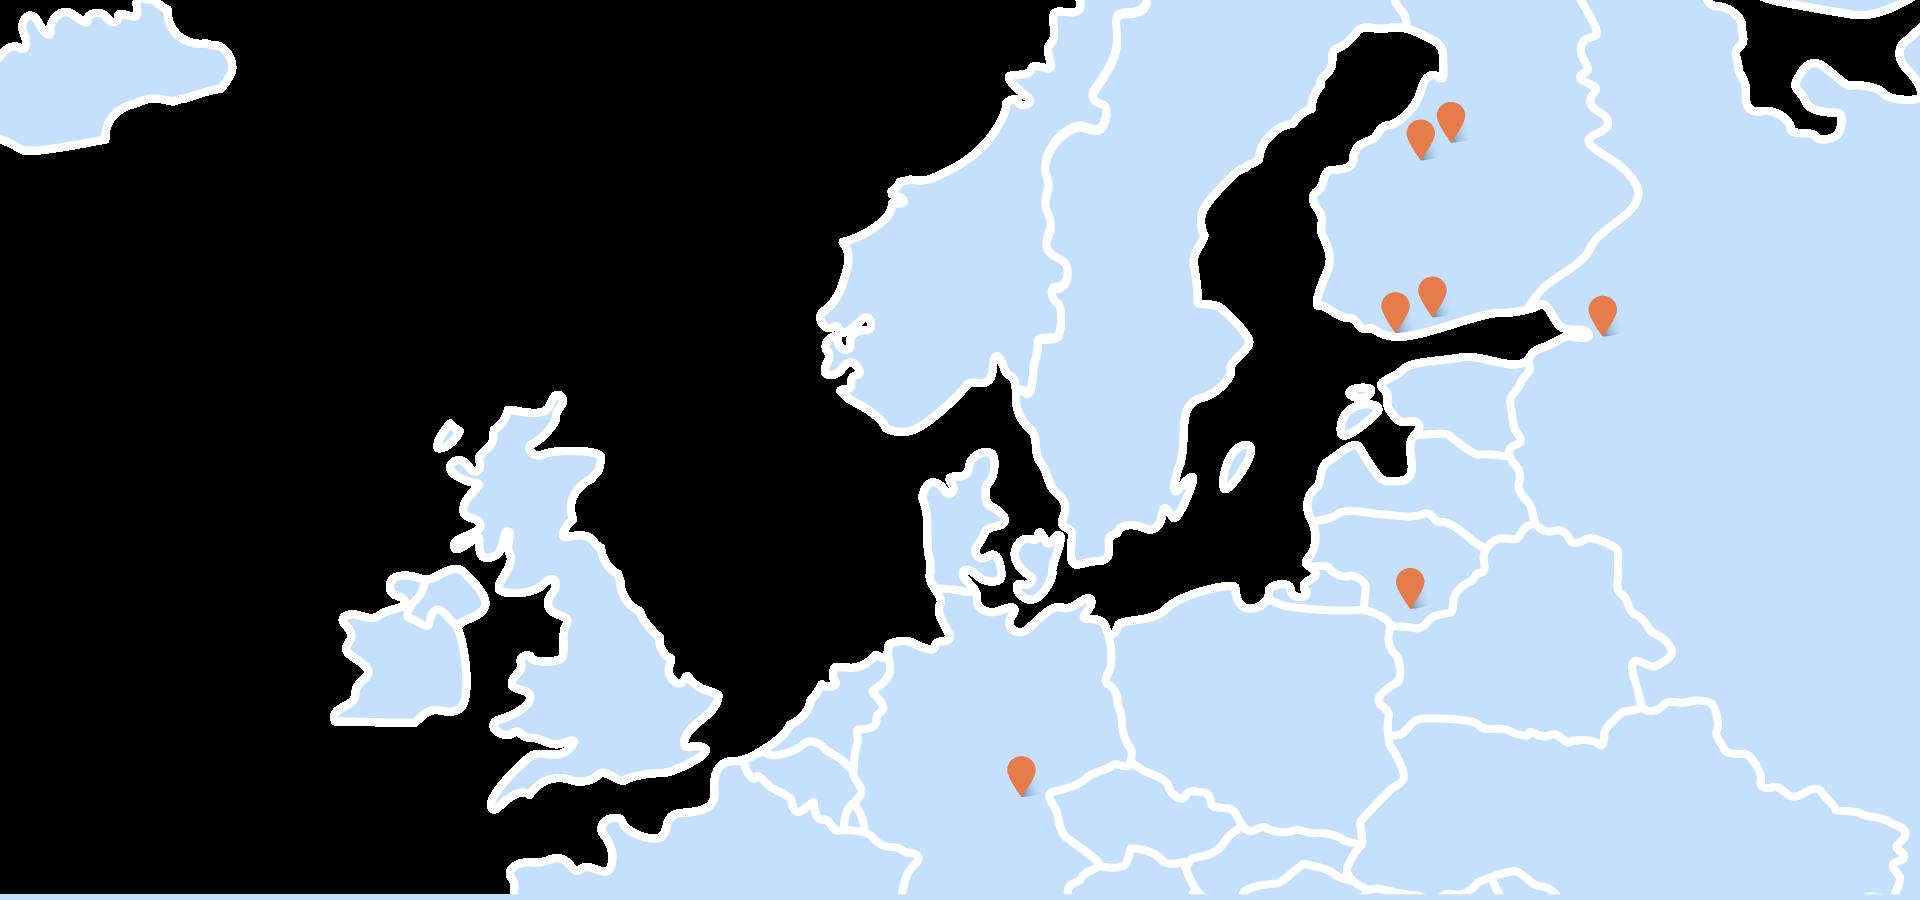 m-filter-group-map_EN_v1